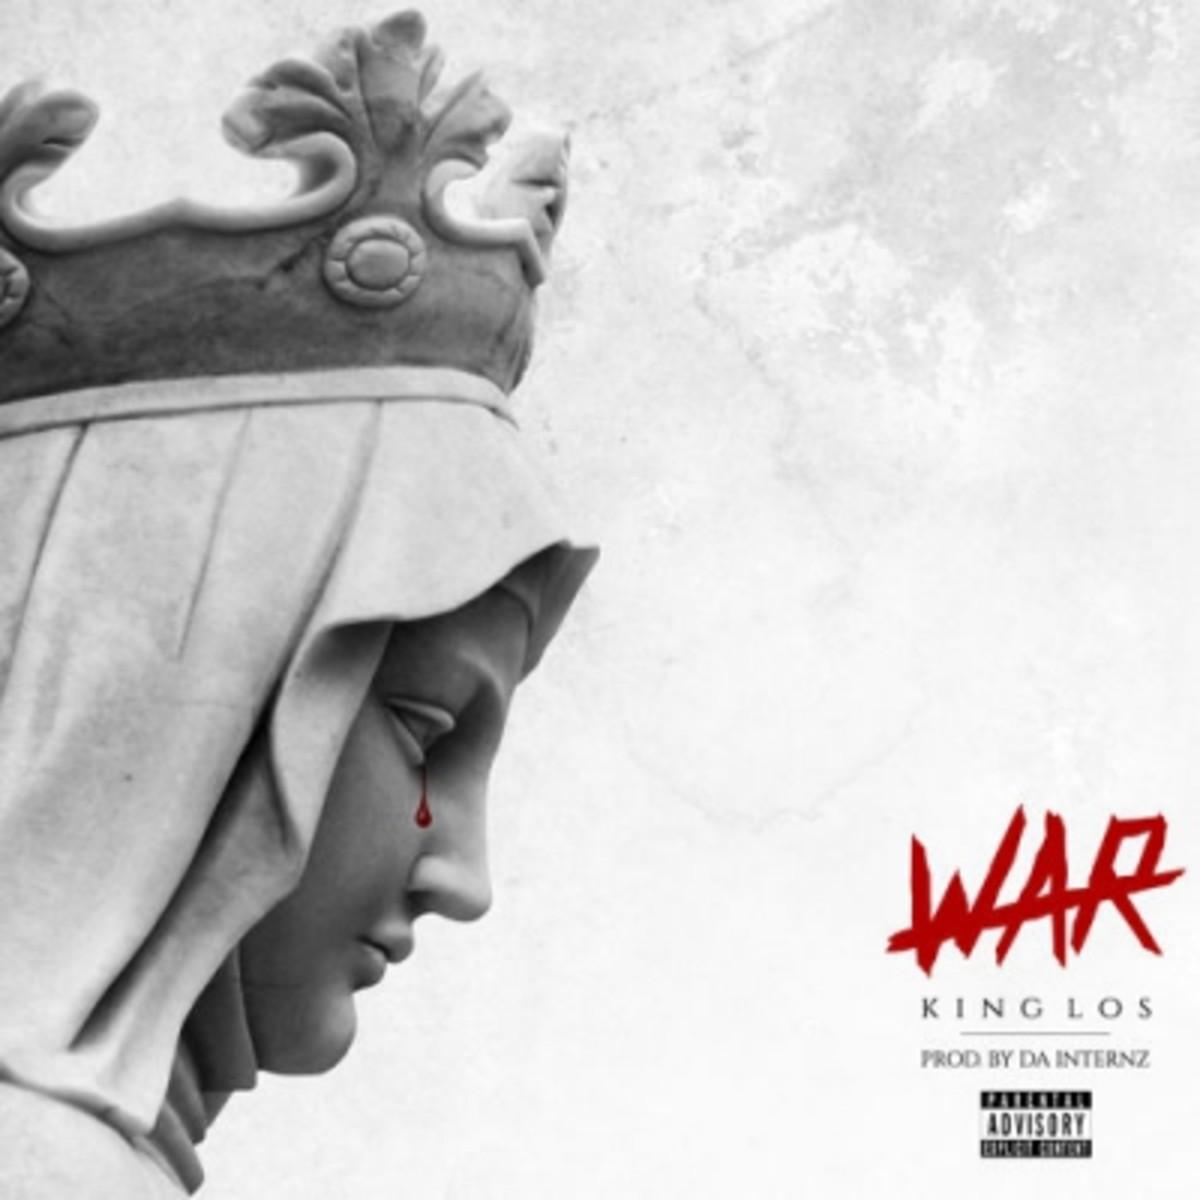 king-los-war.jpg